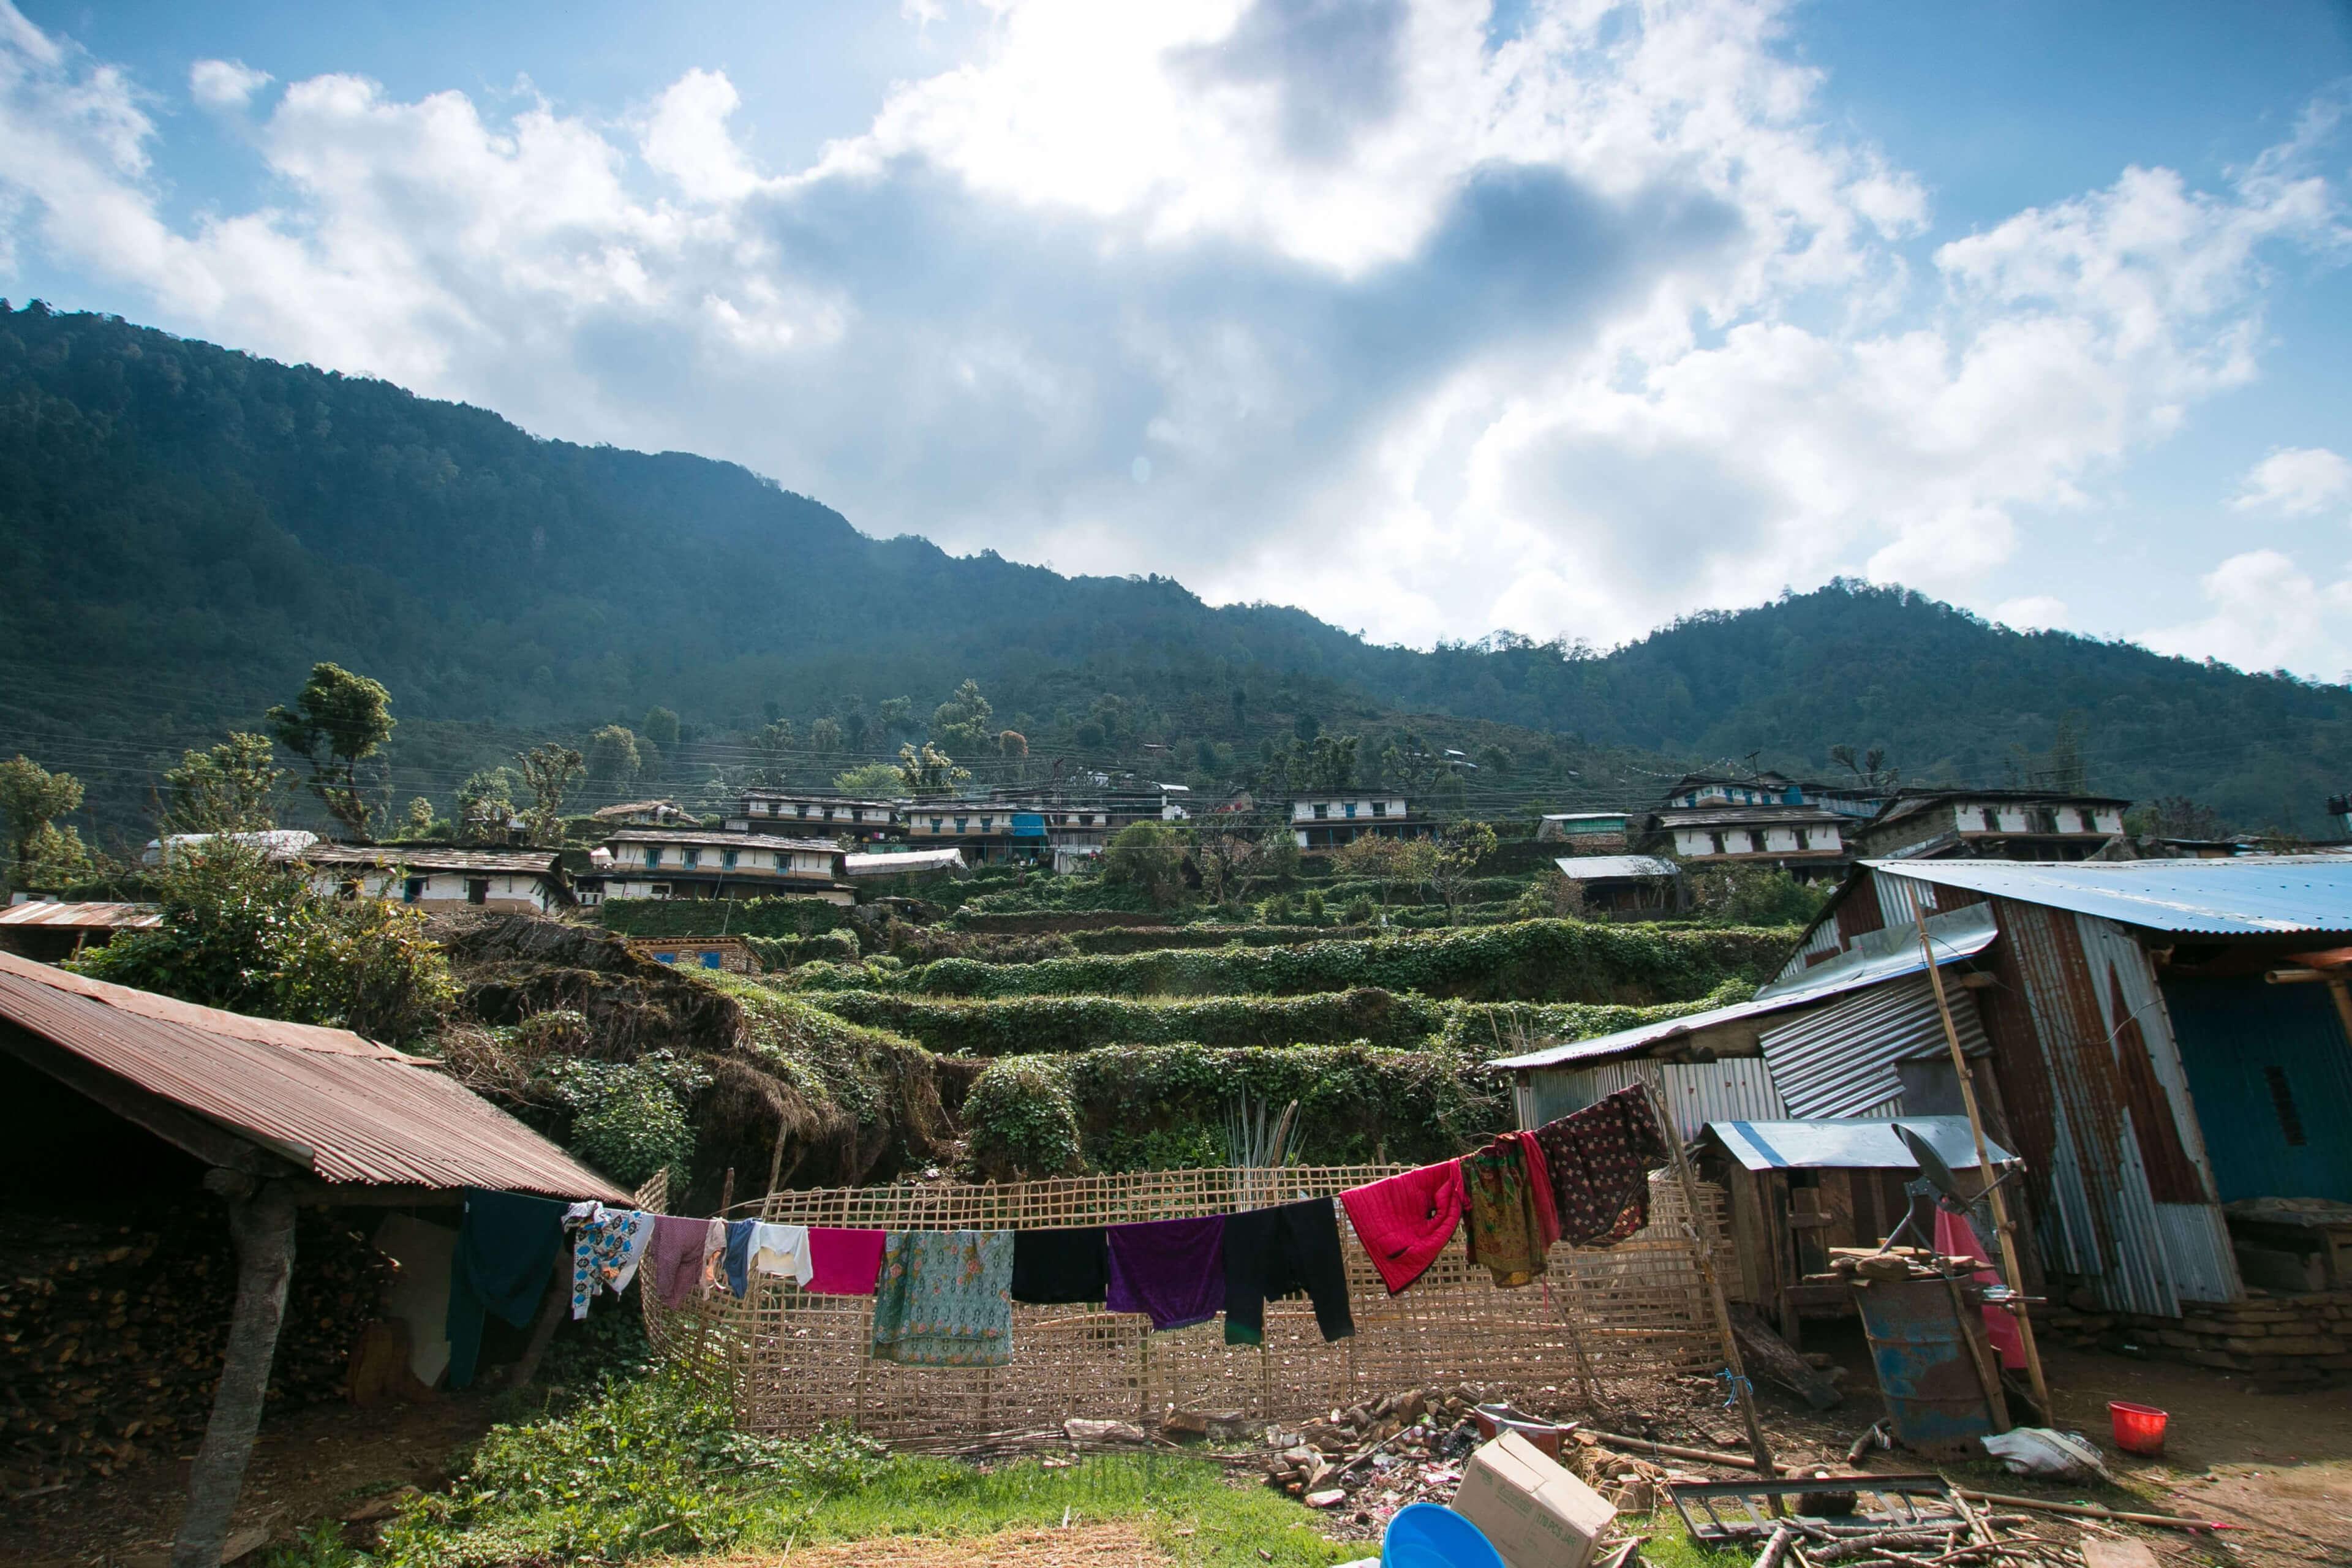 Landruk Village